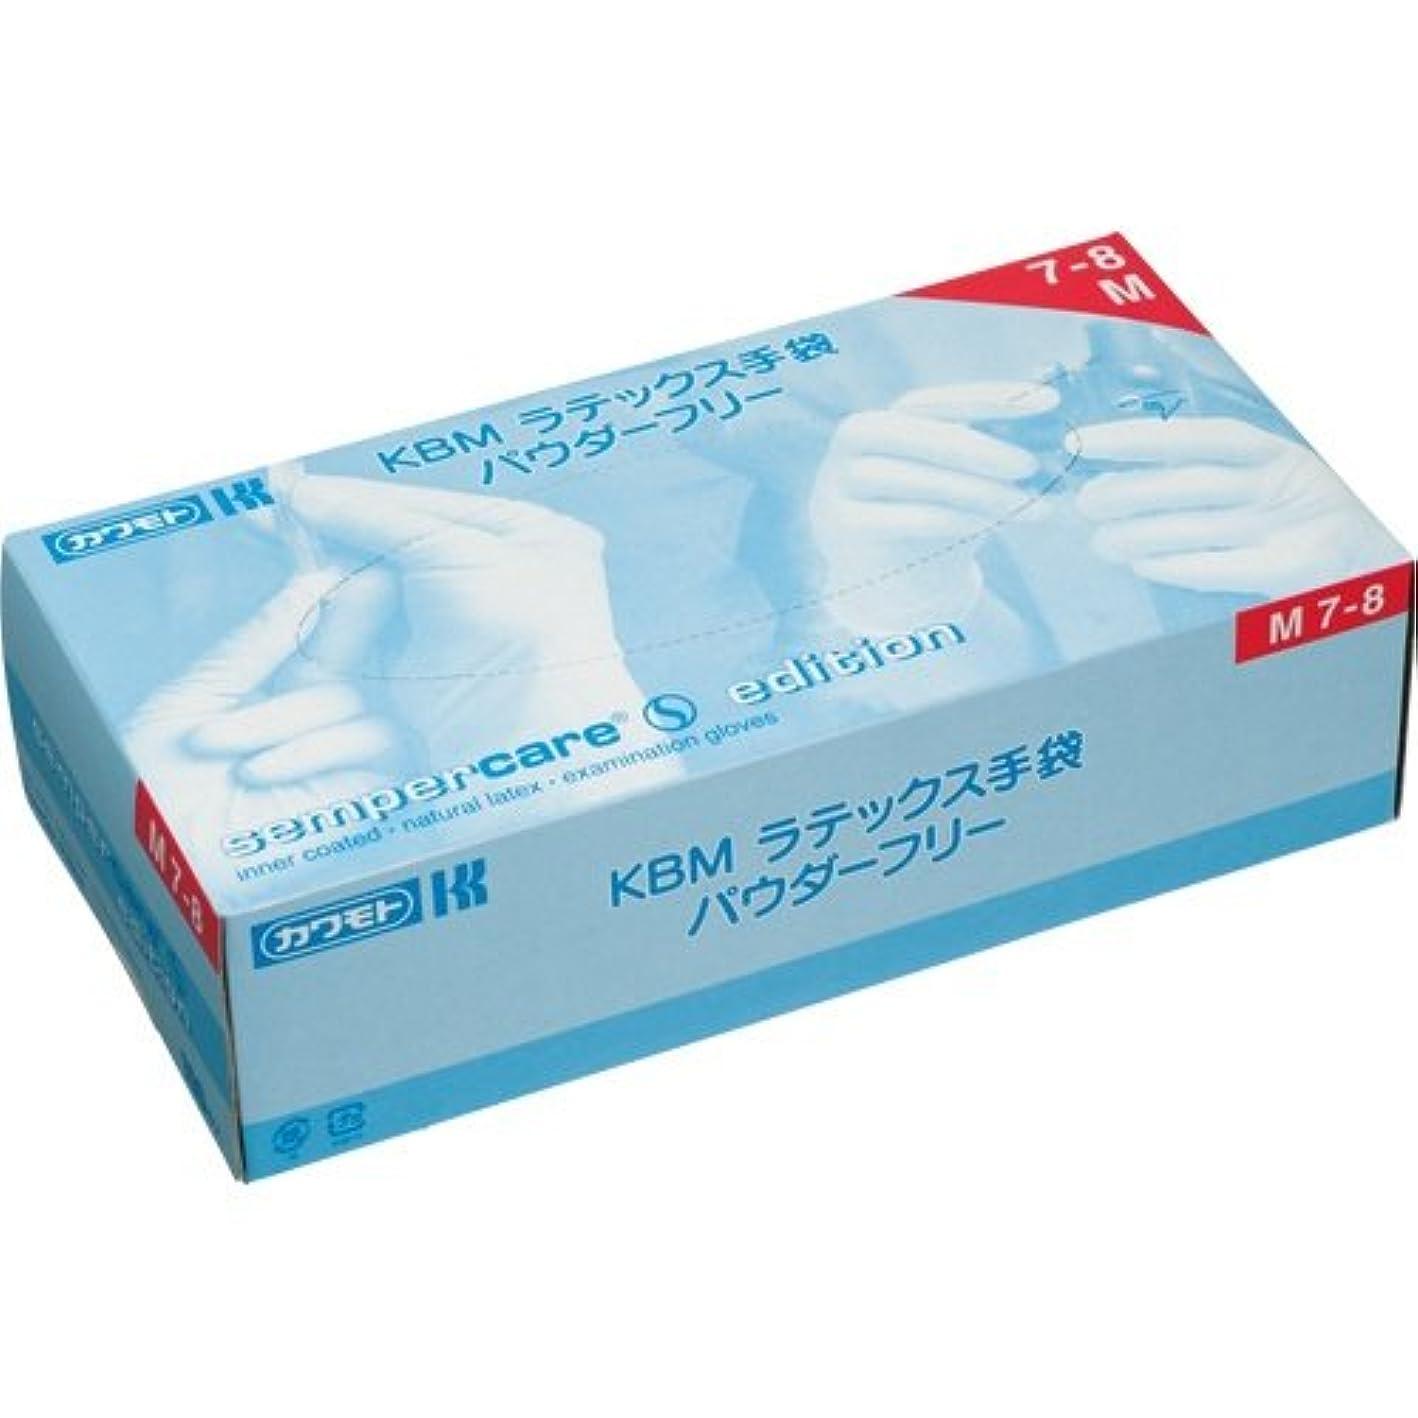 障害者リマ起きろカワモト KBM ラテックス手袋 パウダーフリー M 1セット(300枚:100枚×3箱)